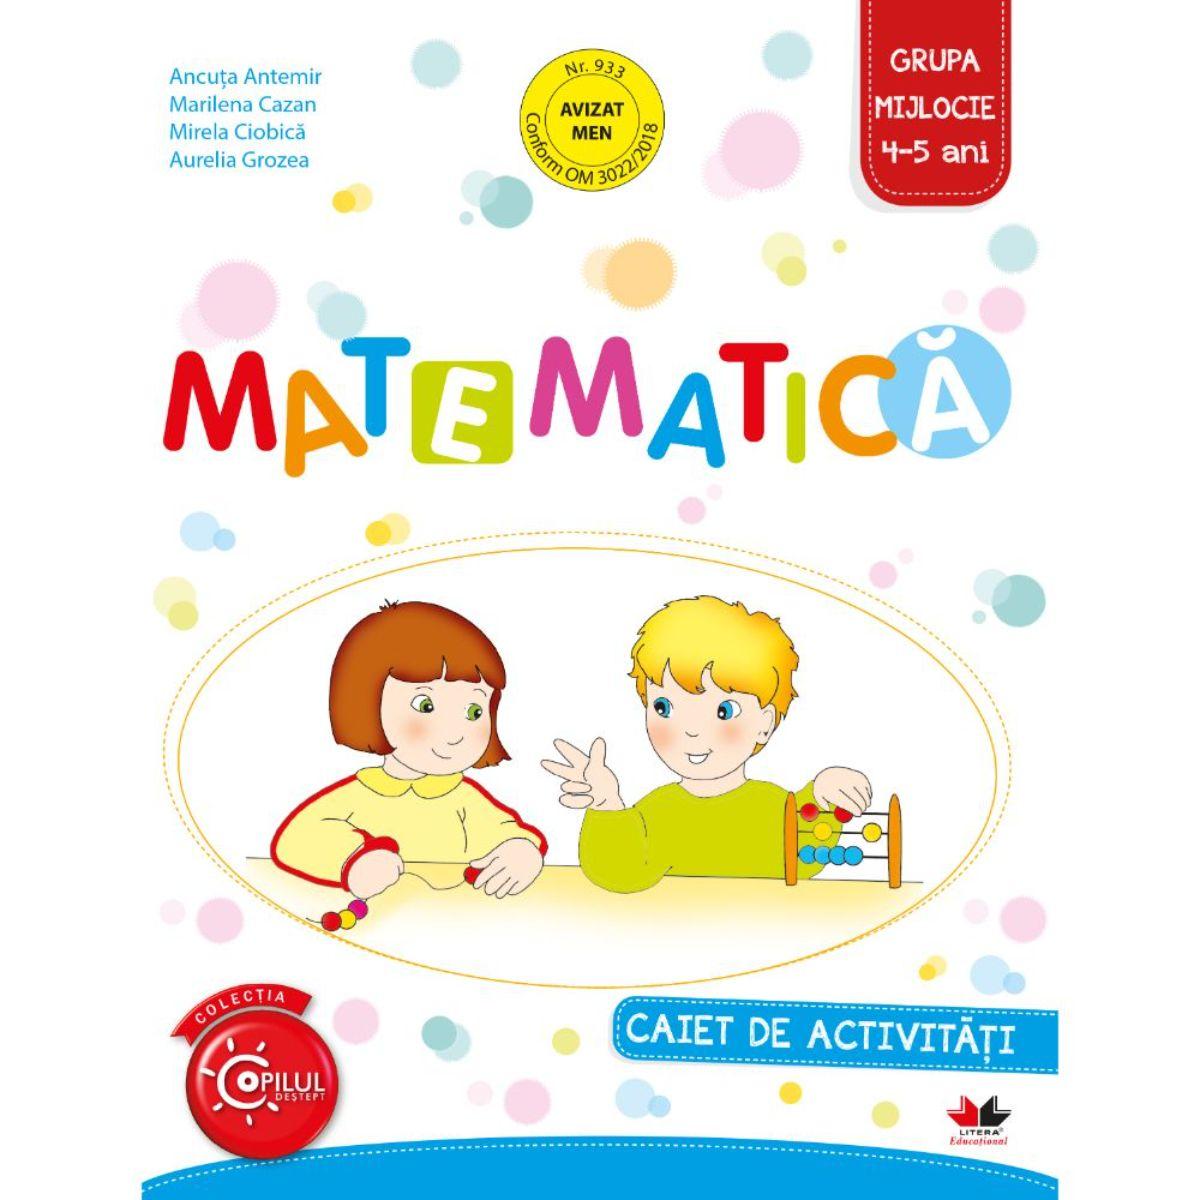 Matematica, Caiet de activitati, Grupa mijlocie, 4-5 ani